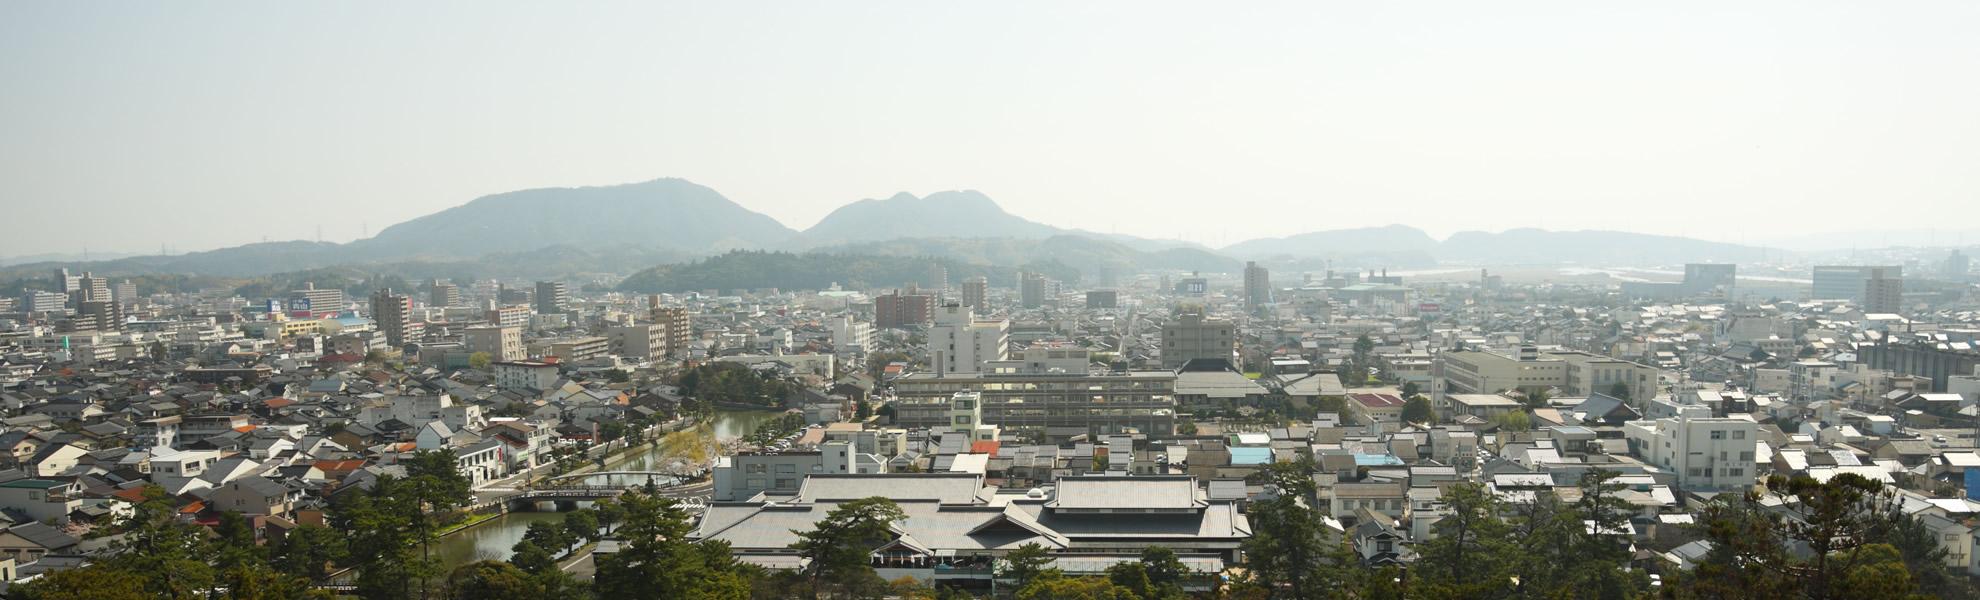 アセットパートナーズのT-LABOは松江市のレンタルオフィス・トランクルーム